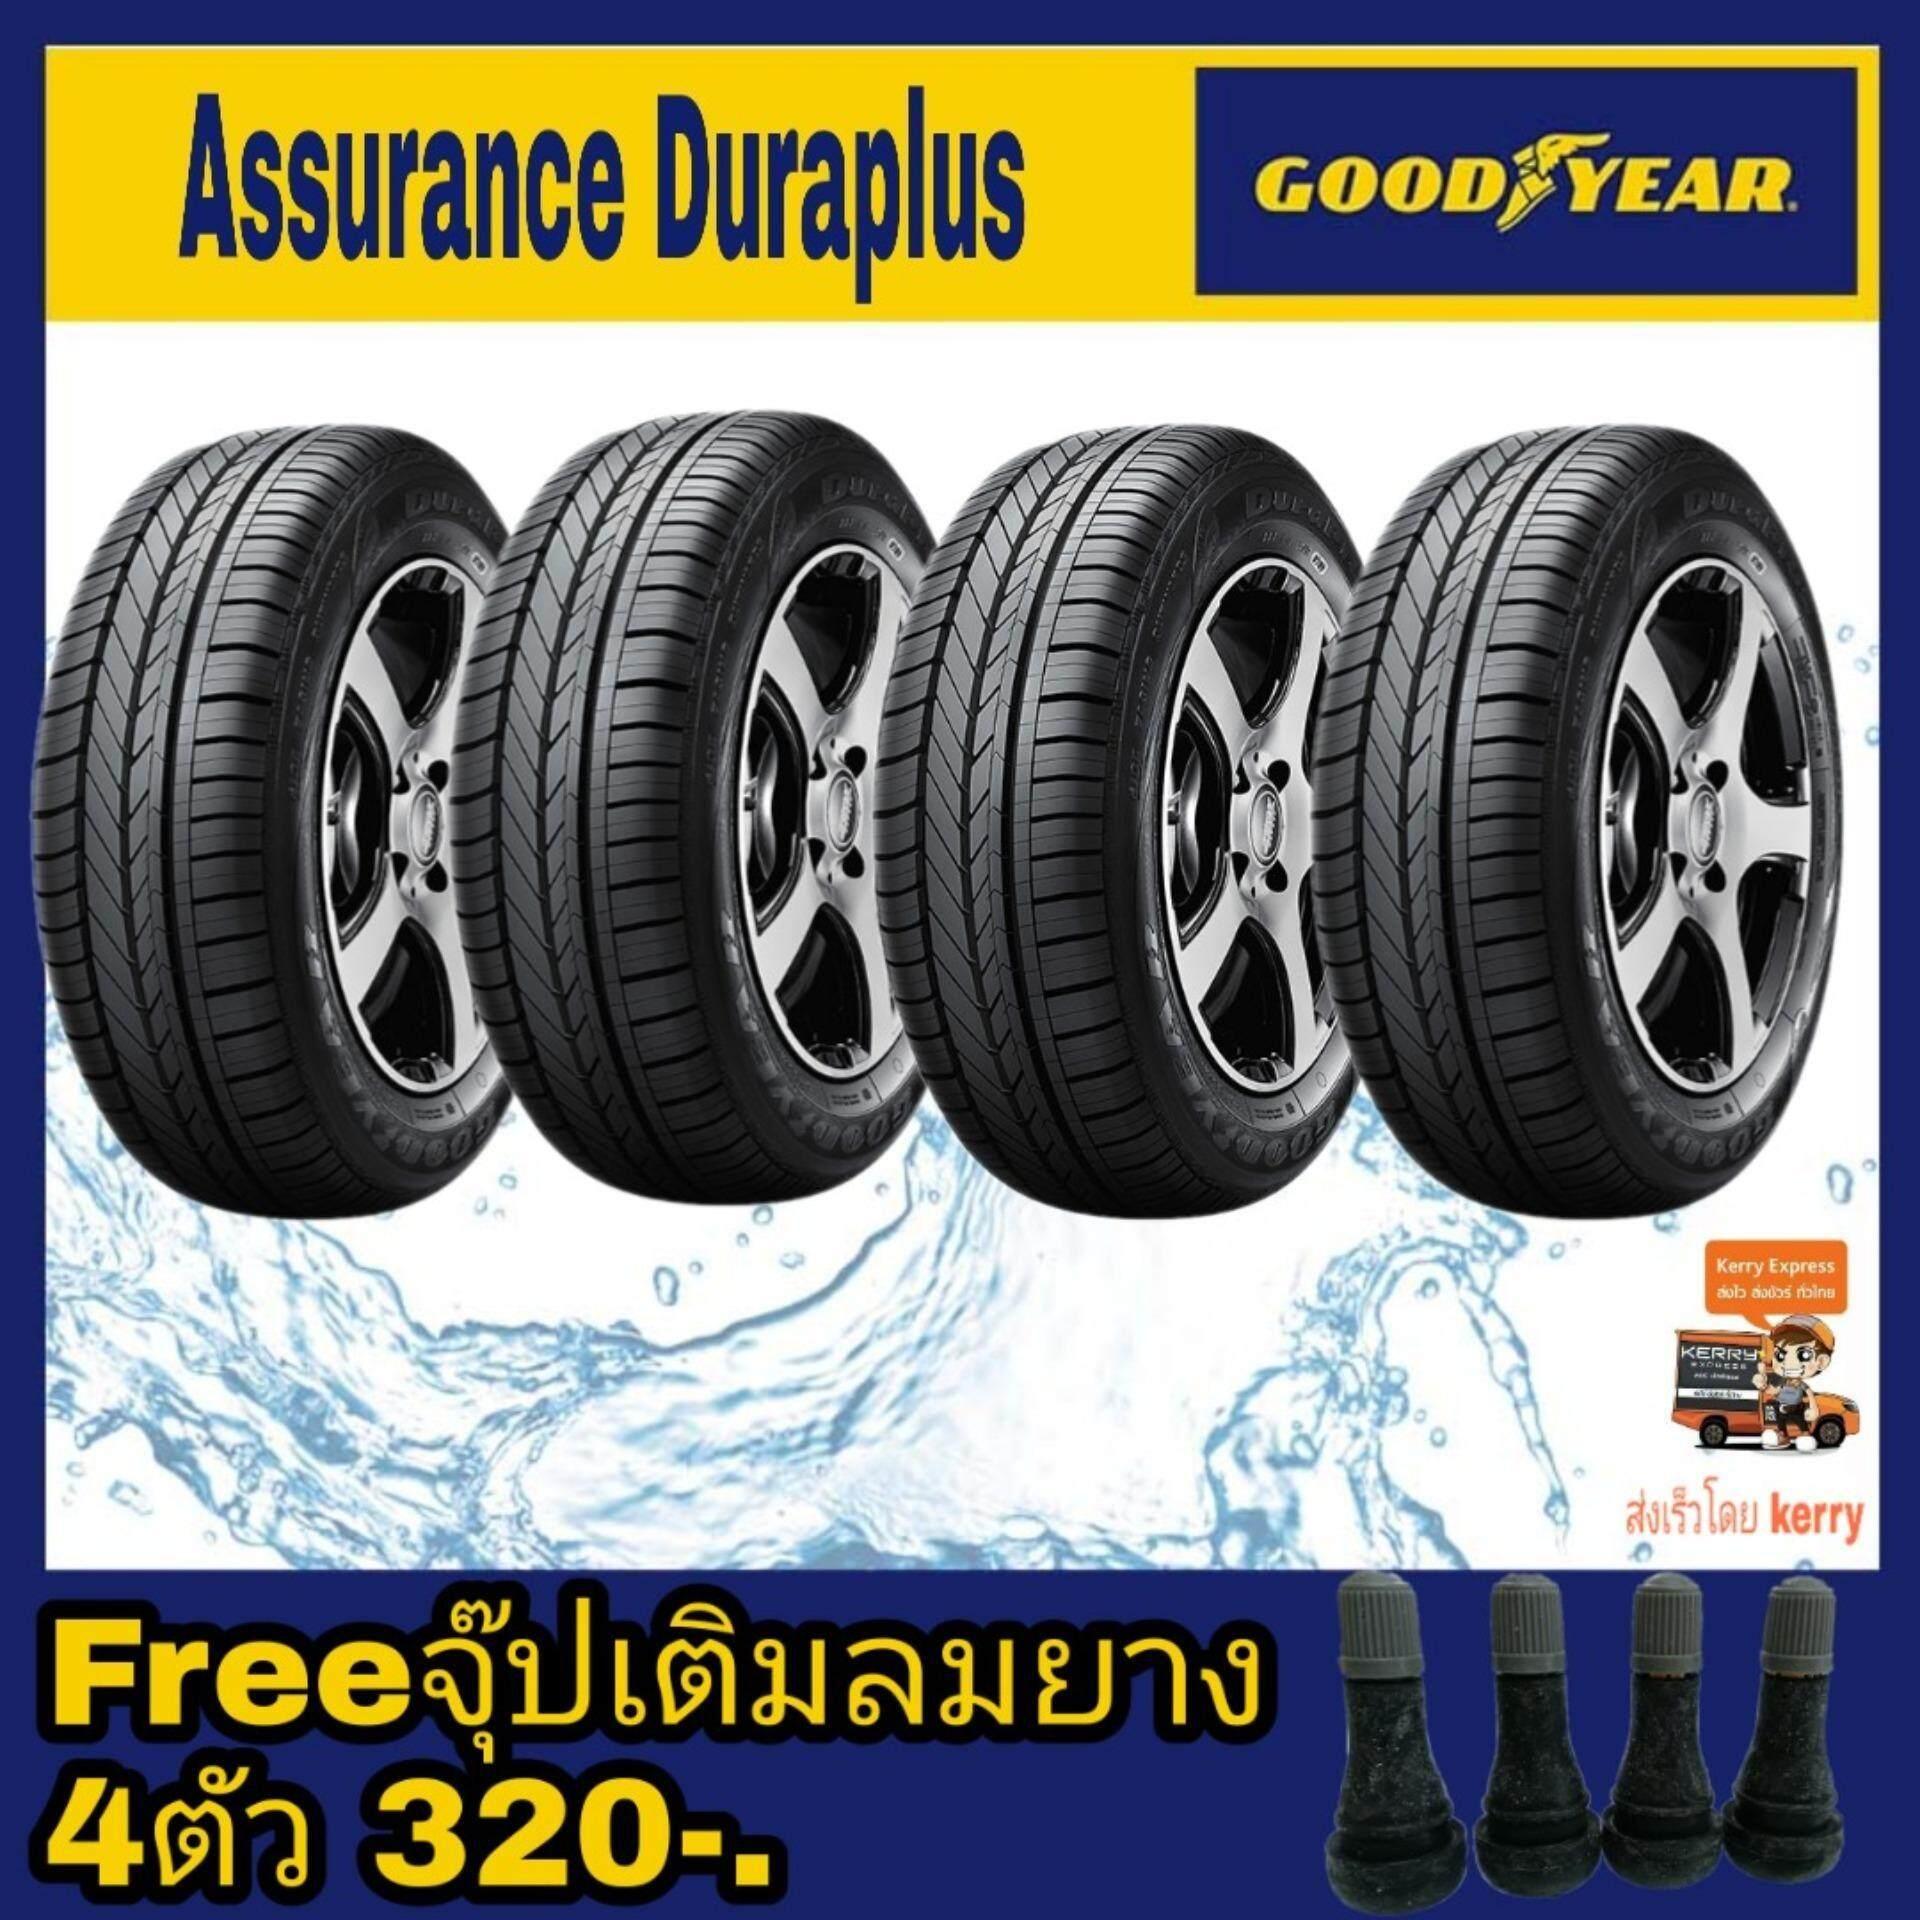 ประกันภัย รถยนต์ 2+ นครสวรรค์ Goodyear ยางรถยนต์ 215/55R17 รุ่น Assurance Duraplus (4 เส้น)